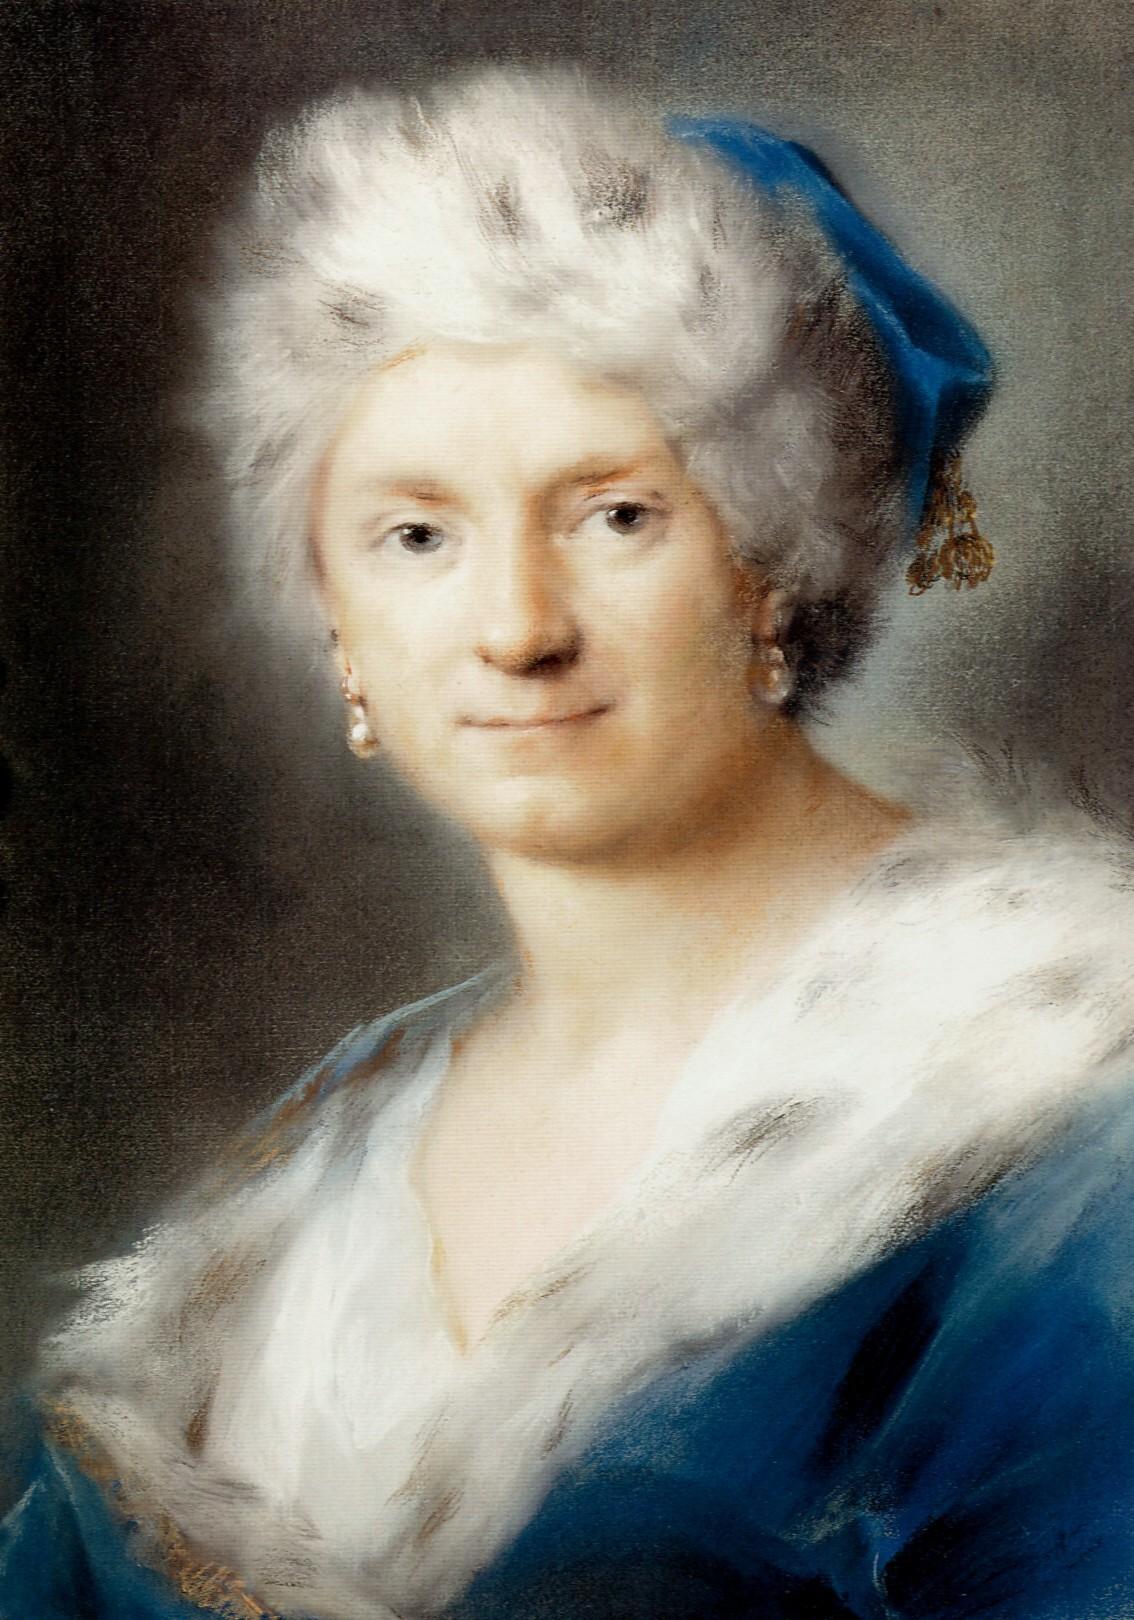 Selbstporträt der Rosalba Carriera, 1730/31, Dresden, Gemäldegalerie.